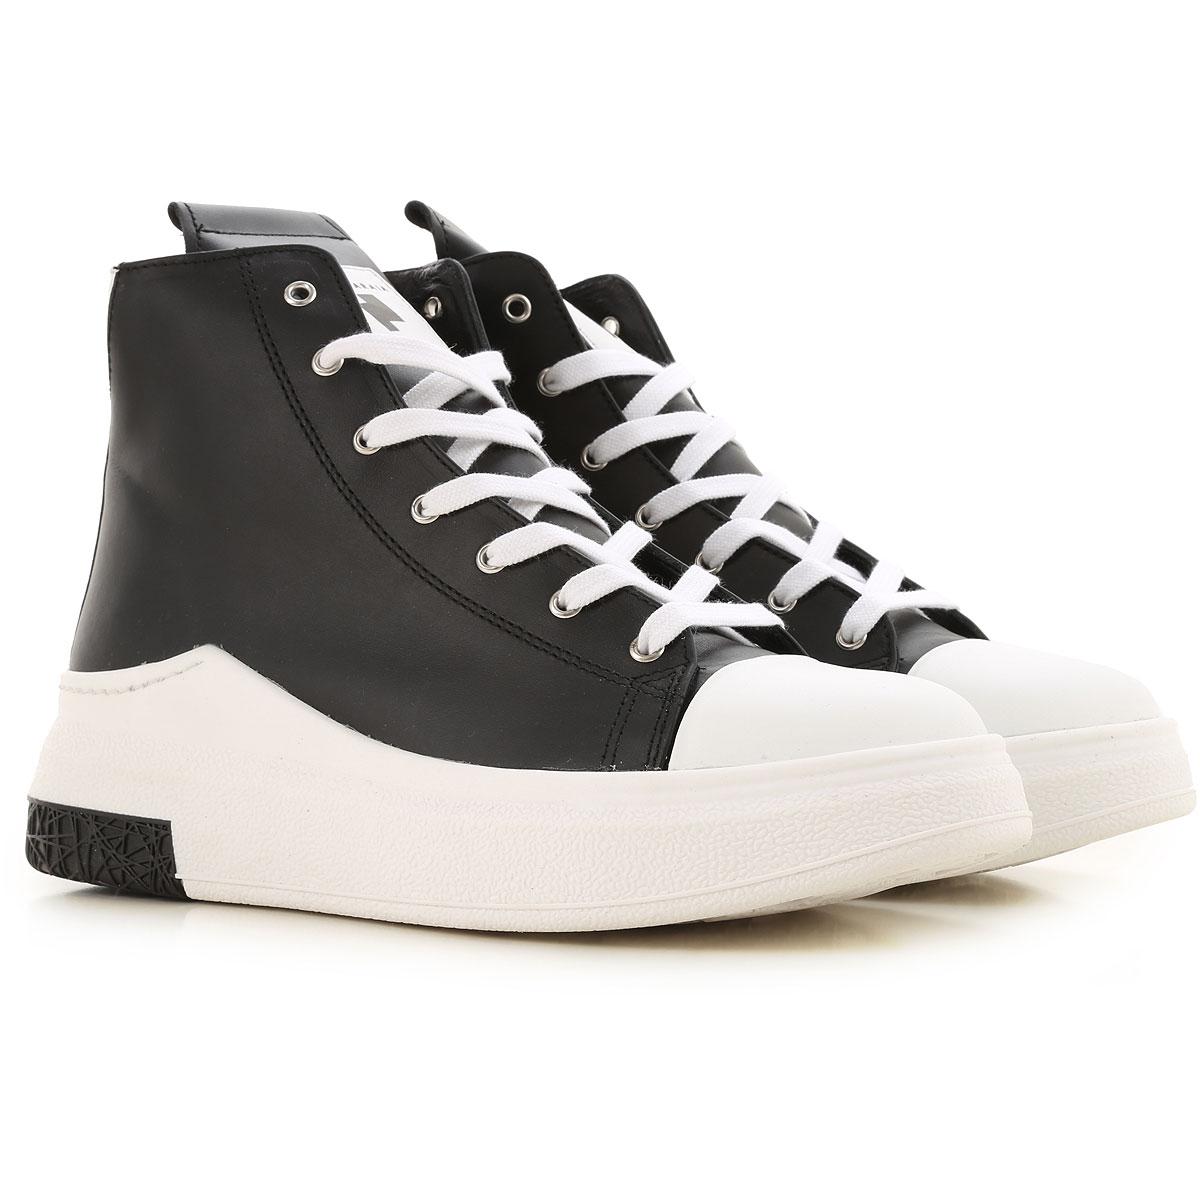 Cinzia Araia Sneaker Homme Pas cher en Soldes, Noir, Cuir, 2019, 40 41 42 43 44